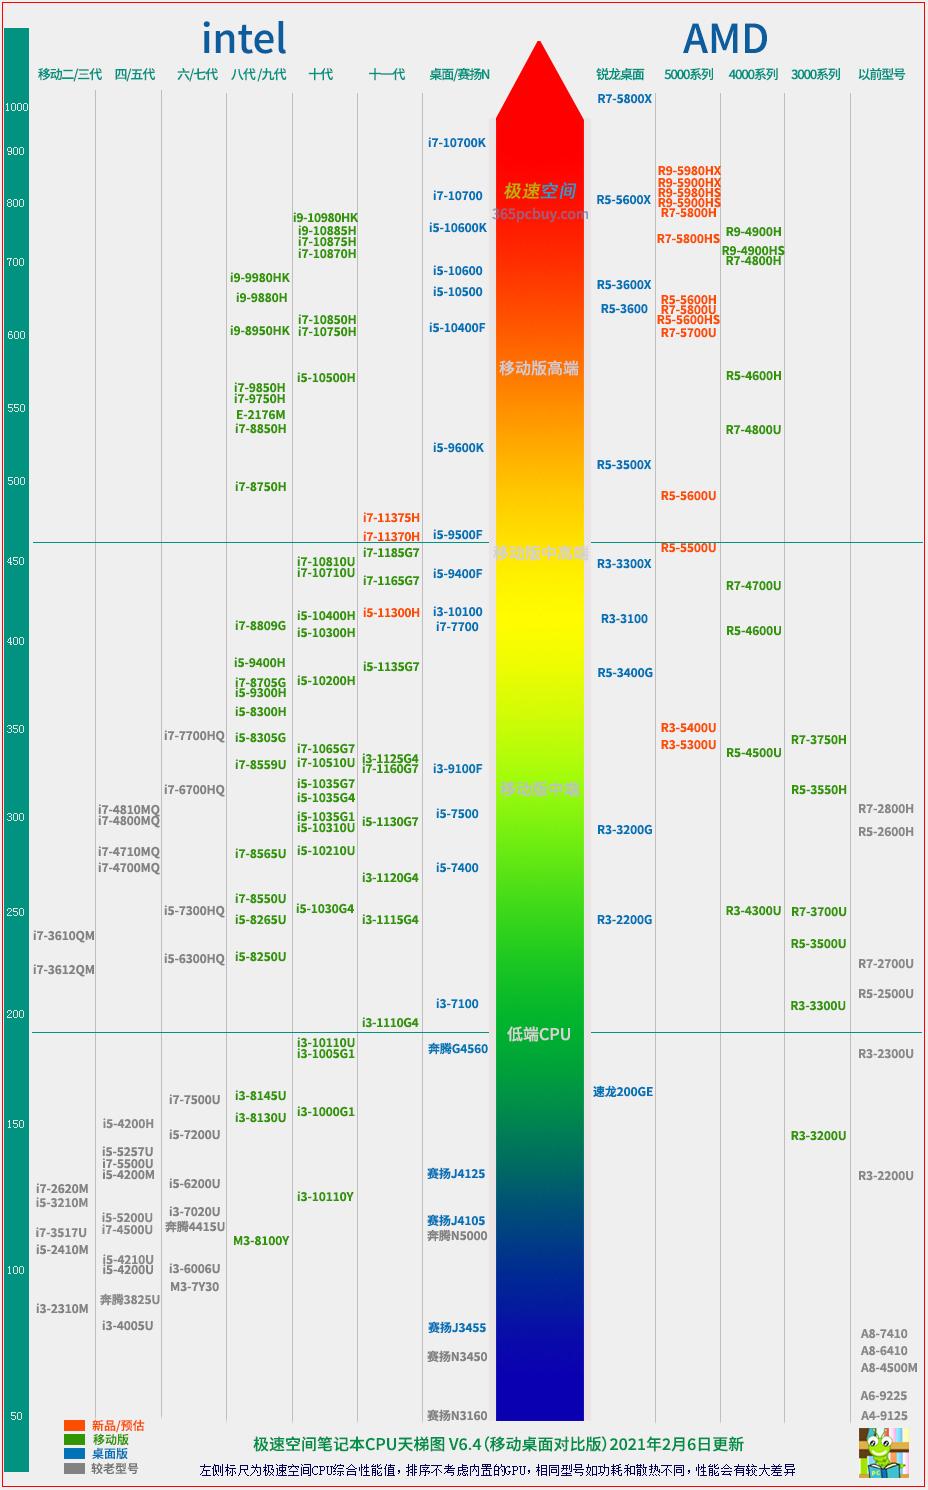 笔记本CPU天梯图V6.4版,笔记本CPU性能排行榜2021